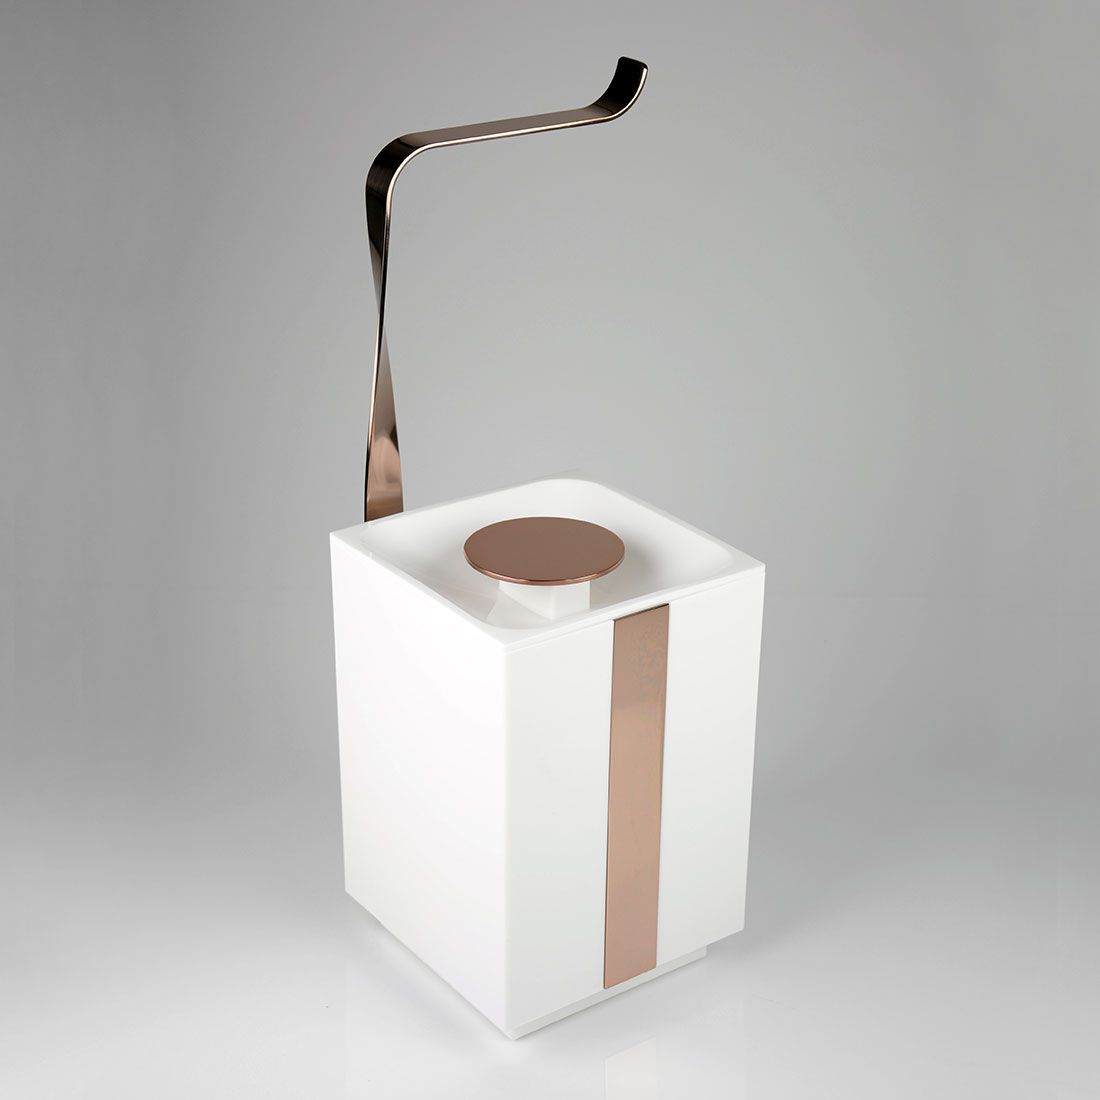 Papeleira de Chão com Lixeira 5 Litros Anello/Miss/Woman/Soho para Banheiros e Lavabos